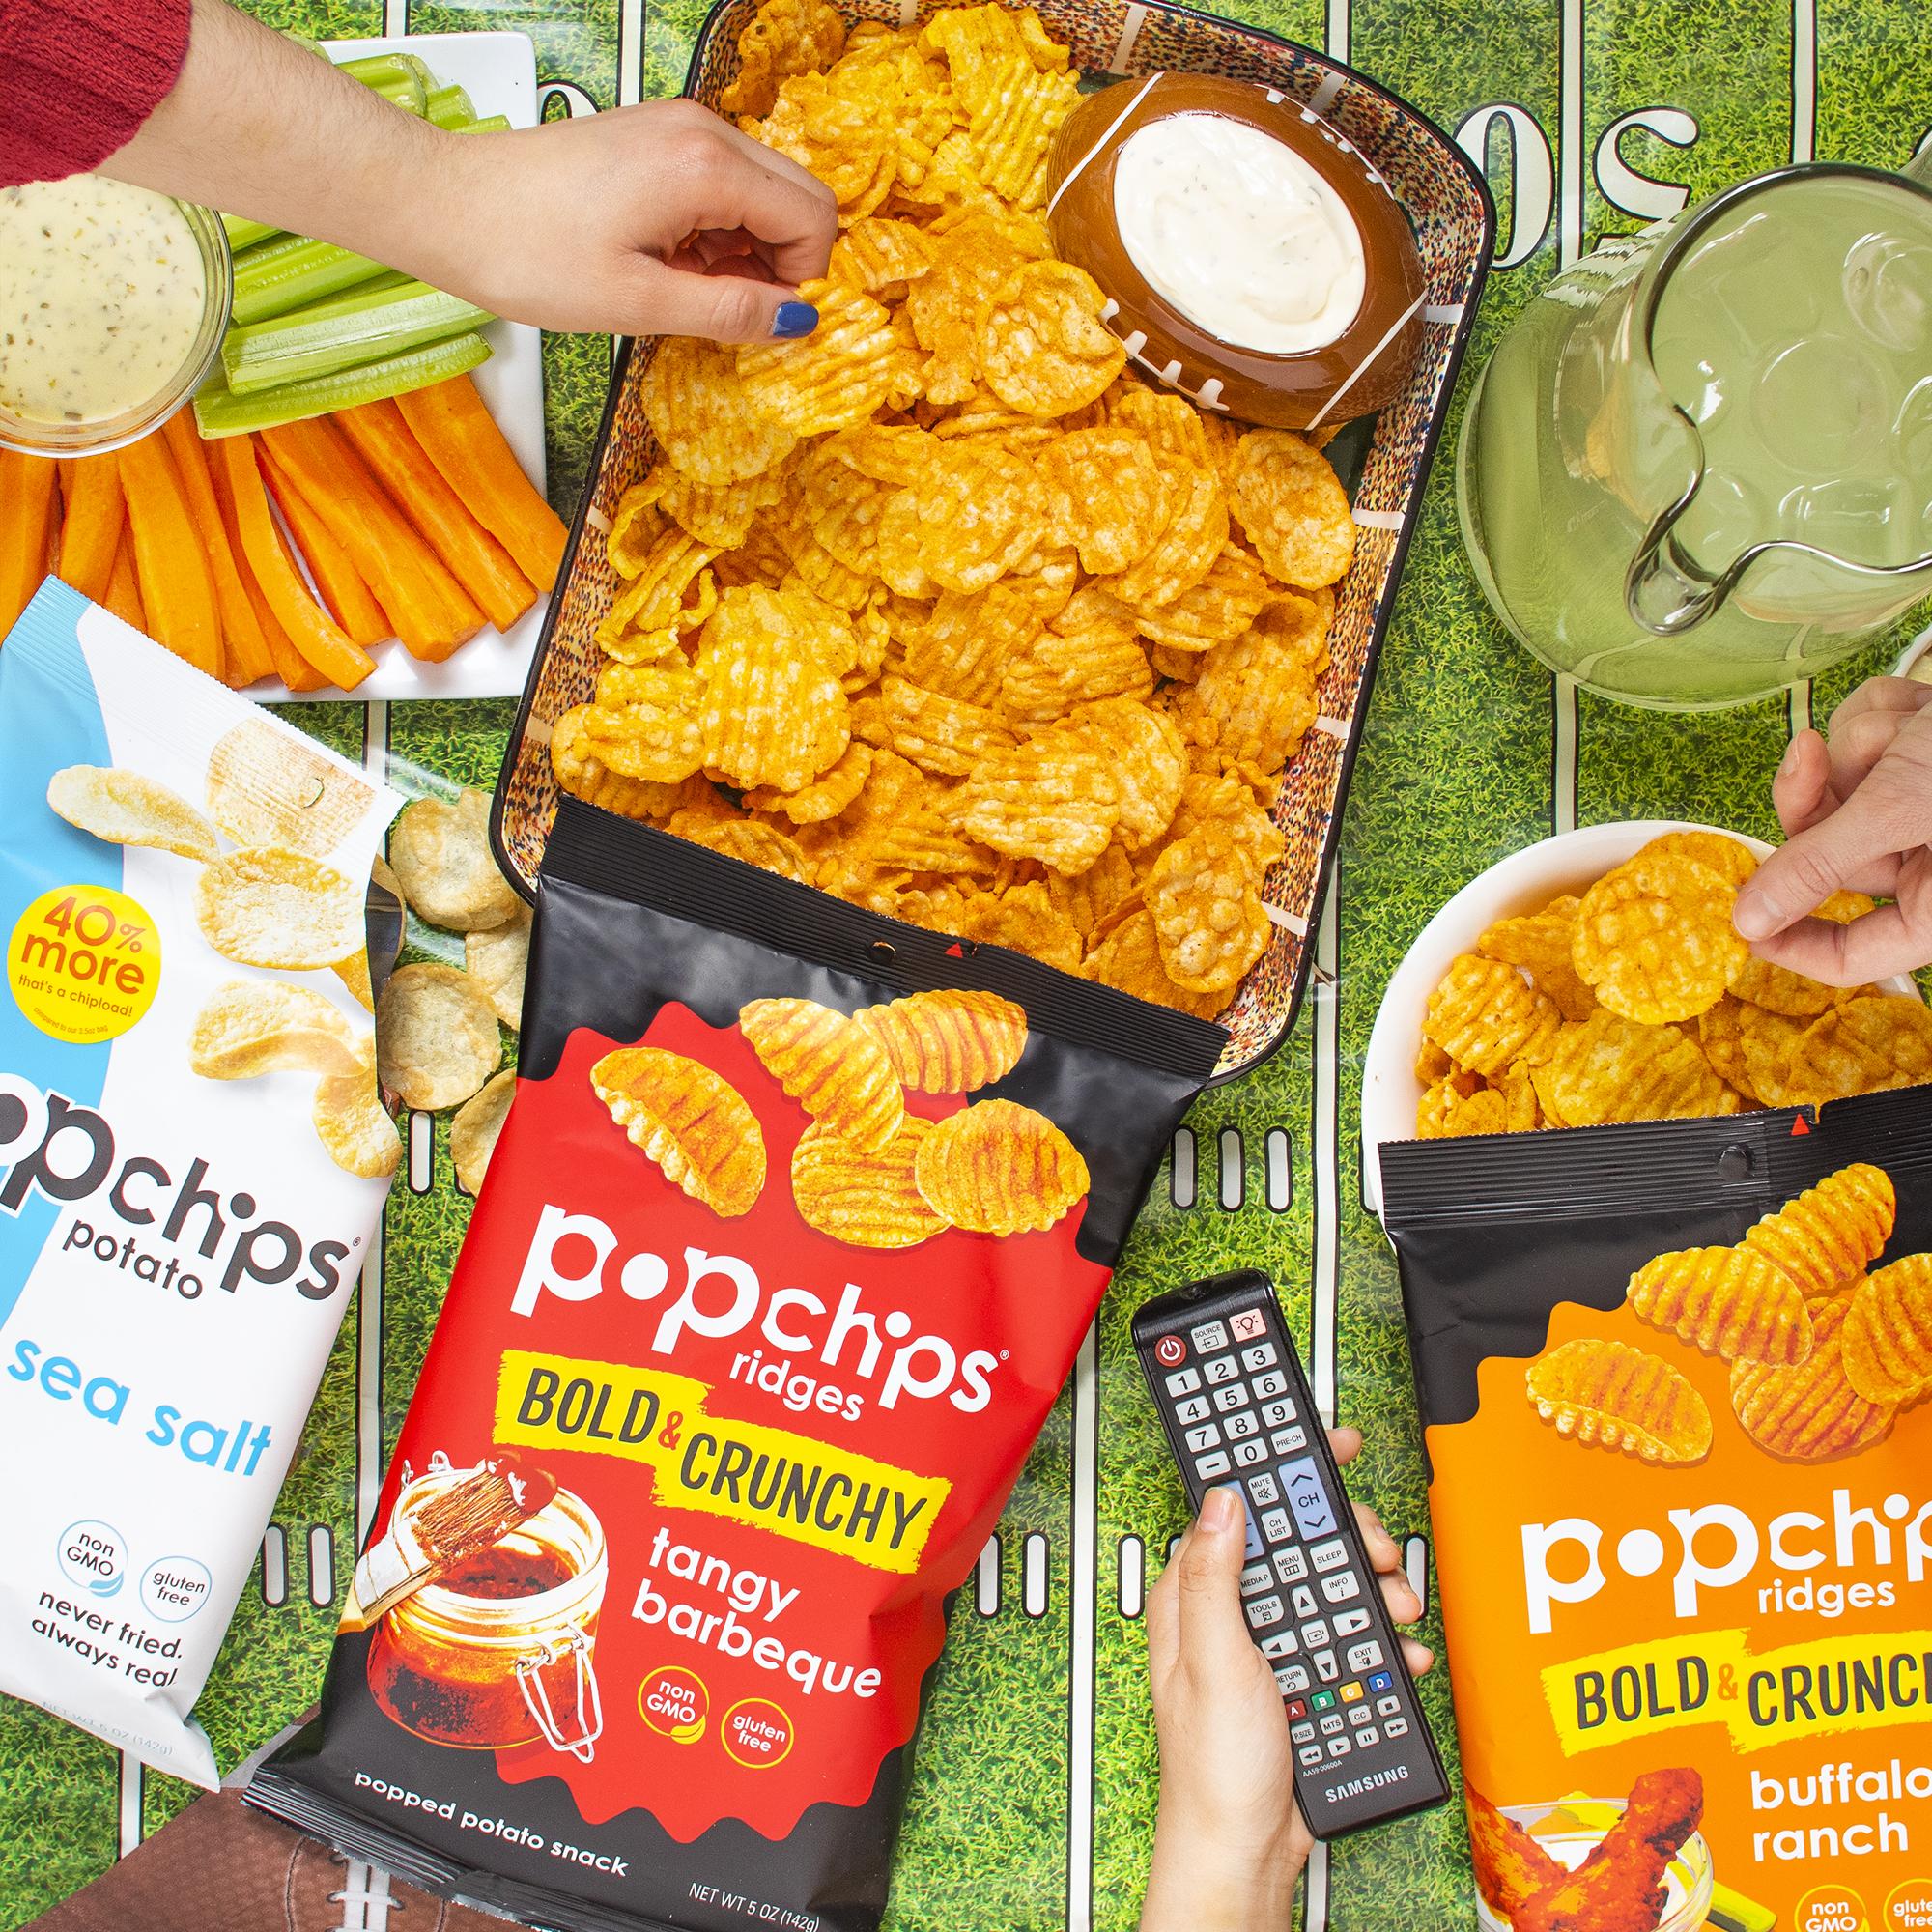 PopChips-Post-Table-Spread.jpg